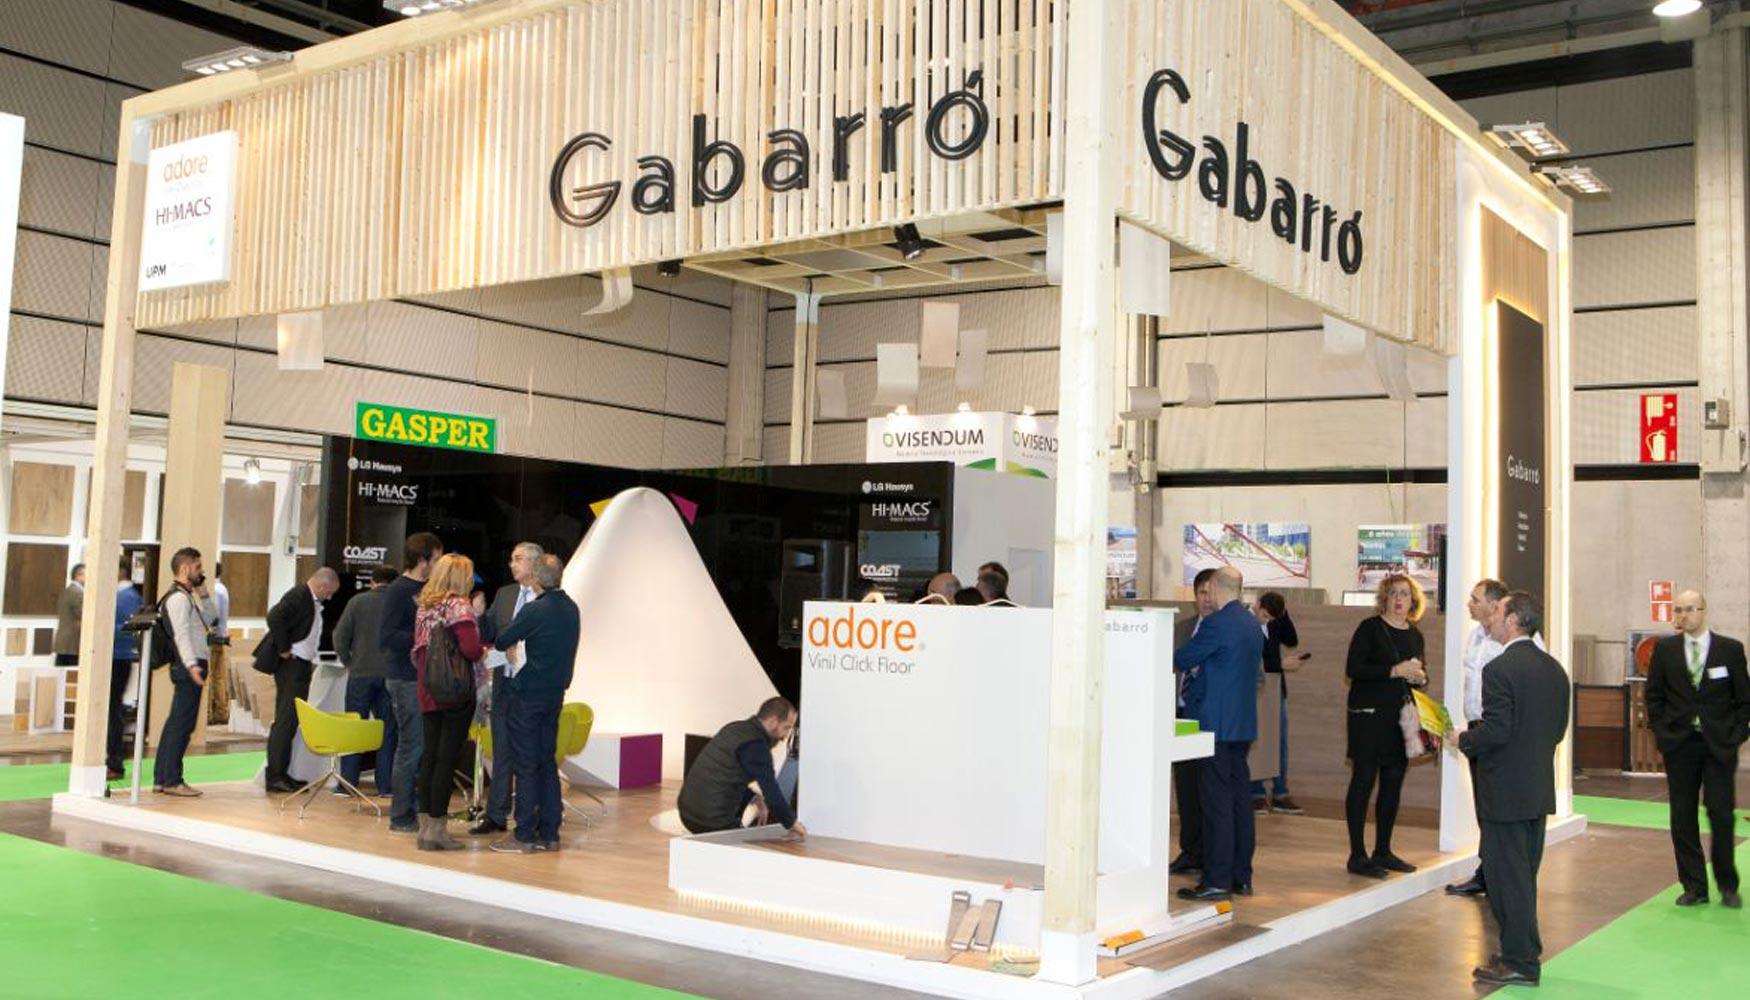 Gabarr Sorprende En Maderalia Con Los Tableros Flexibles De Upm  # Muebles Gabarro